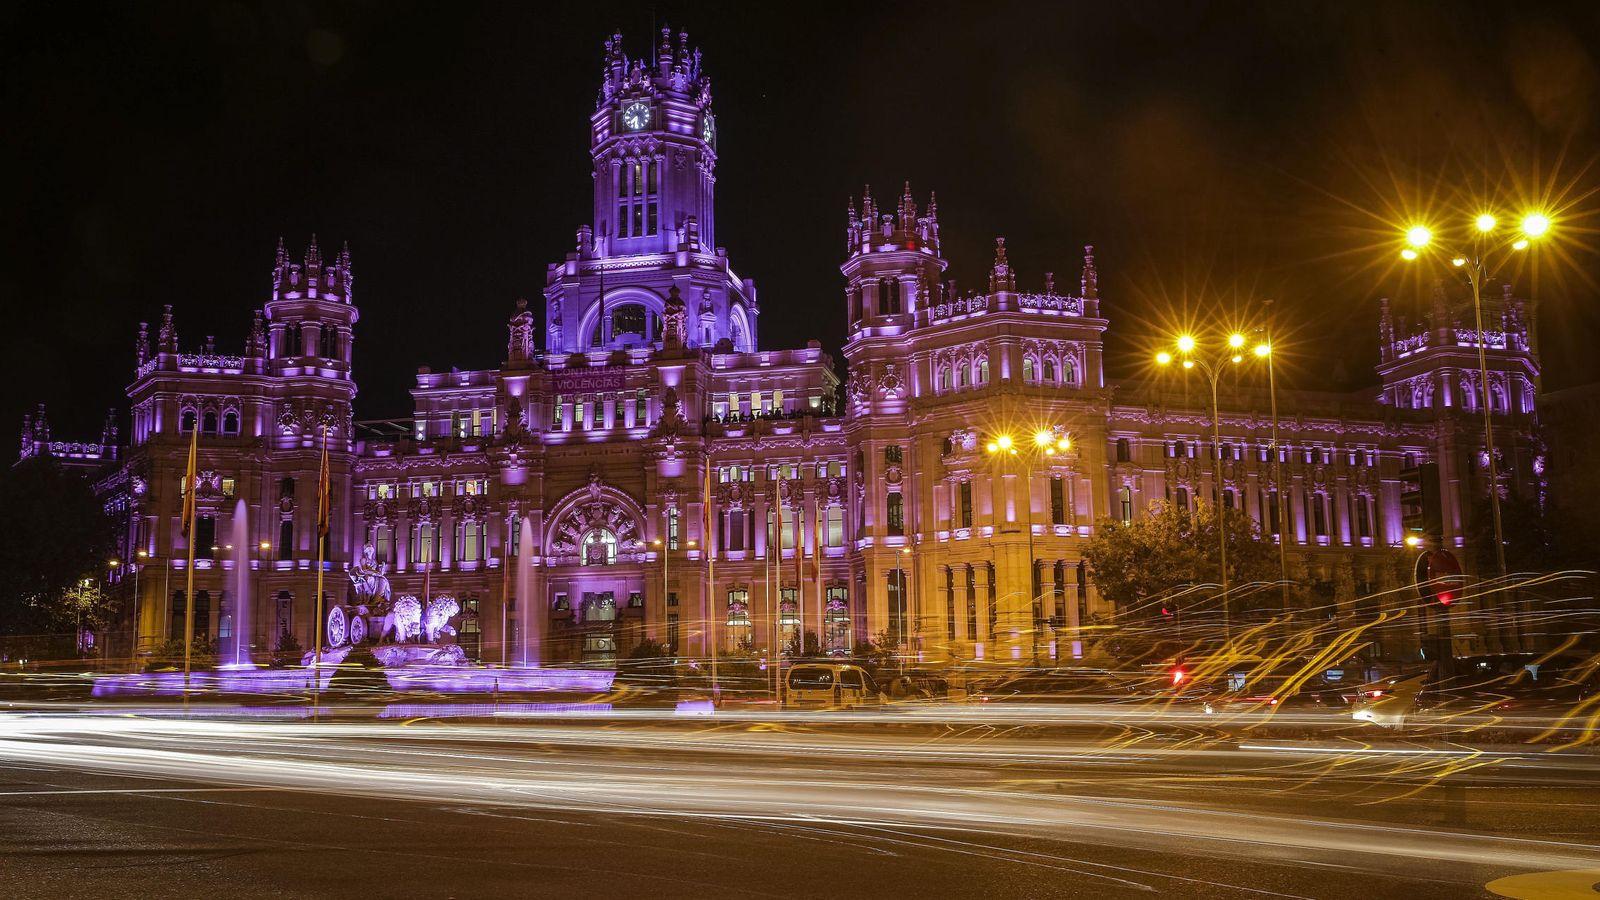 Deuda pública: El Ayuntamiento de Madrid reduce un 19,1%